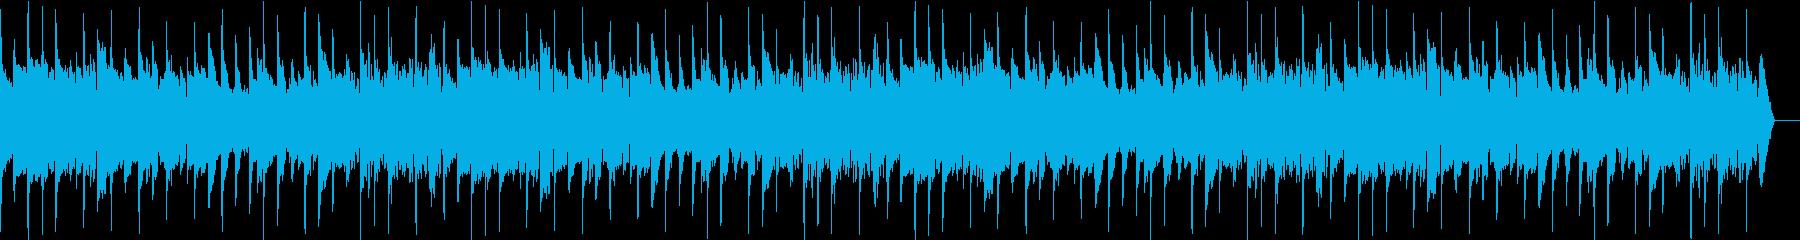 感動の回想シーンを演出するエレキギター3の再生済みの波形